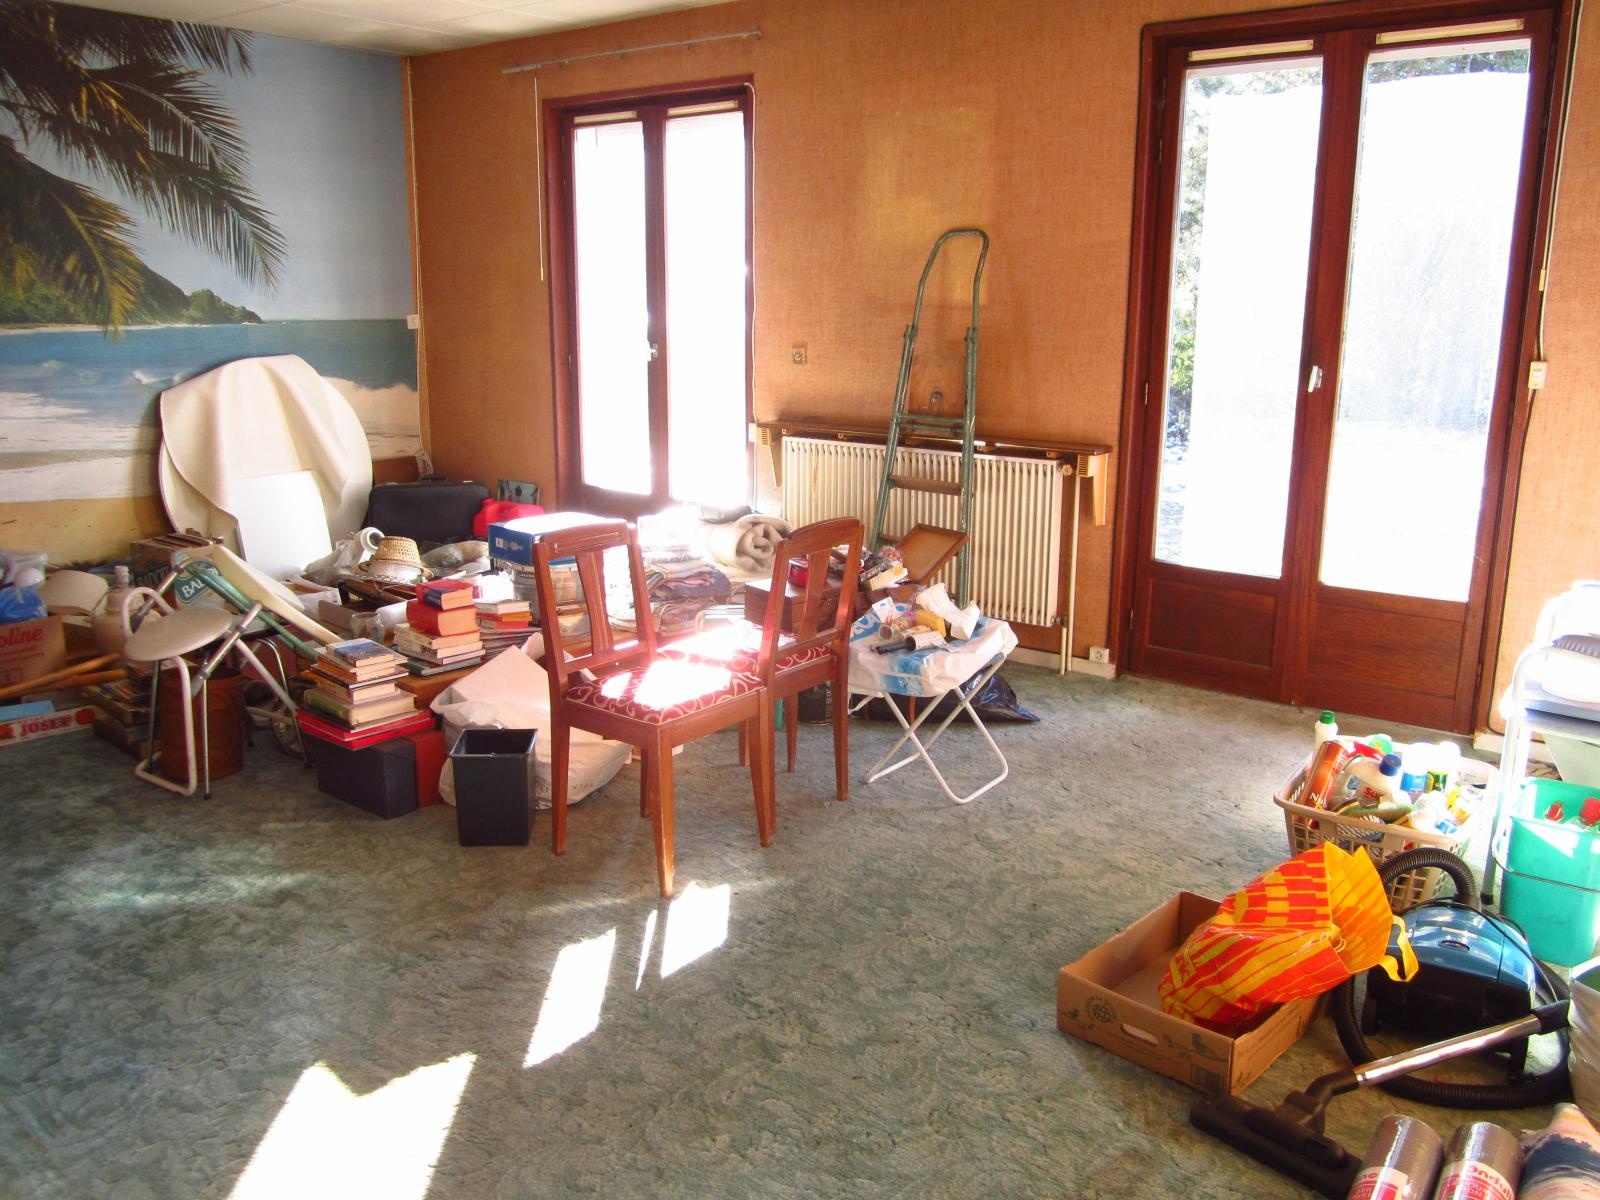 EXCLUSIVITE Collonges-sous Salève agréable Maison individuelle de plain-pied avec vue dégagée... VENDU PAR LE CABINET